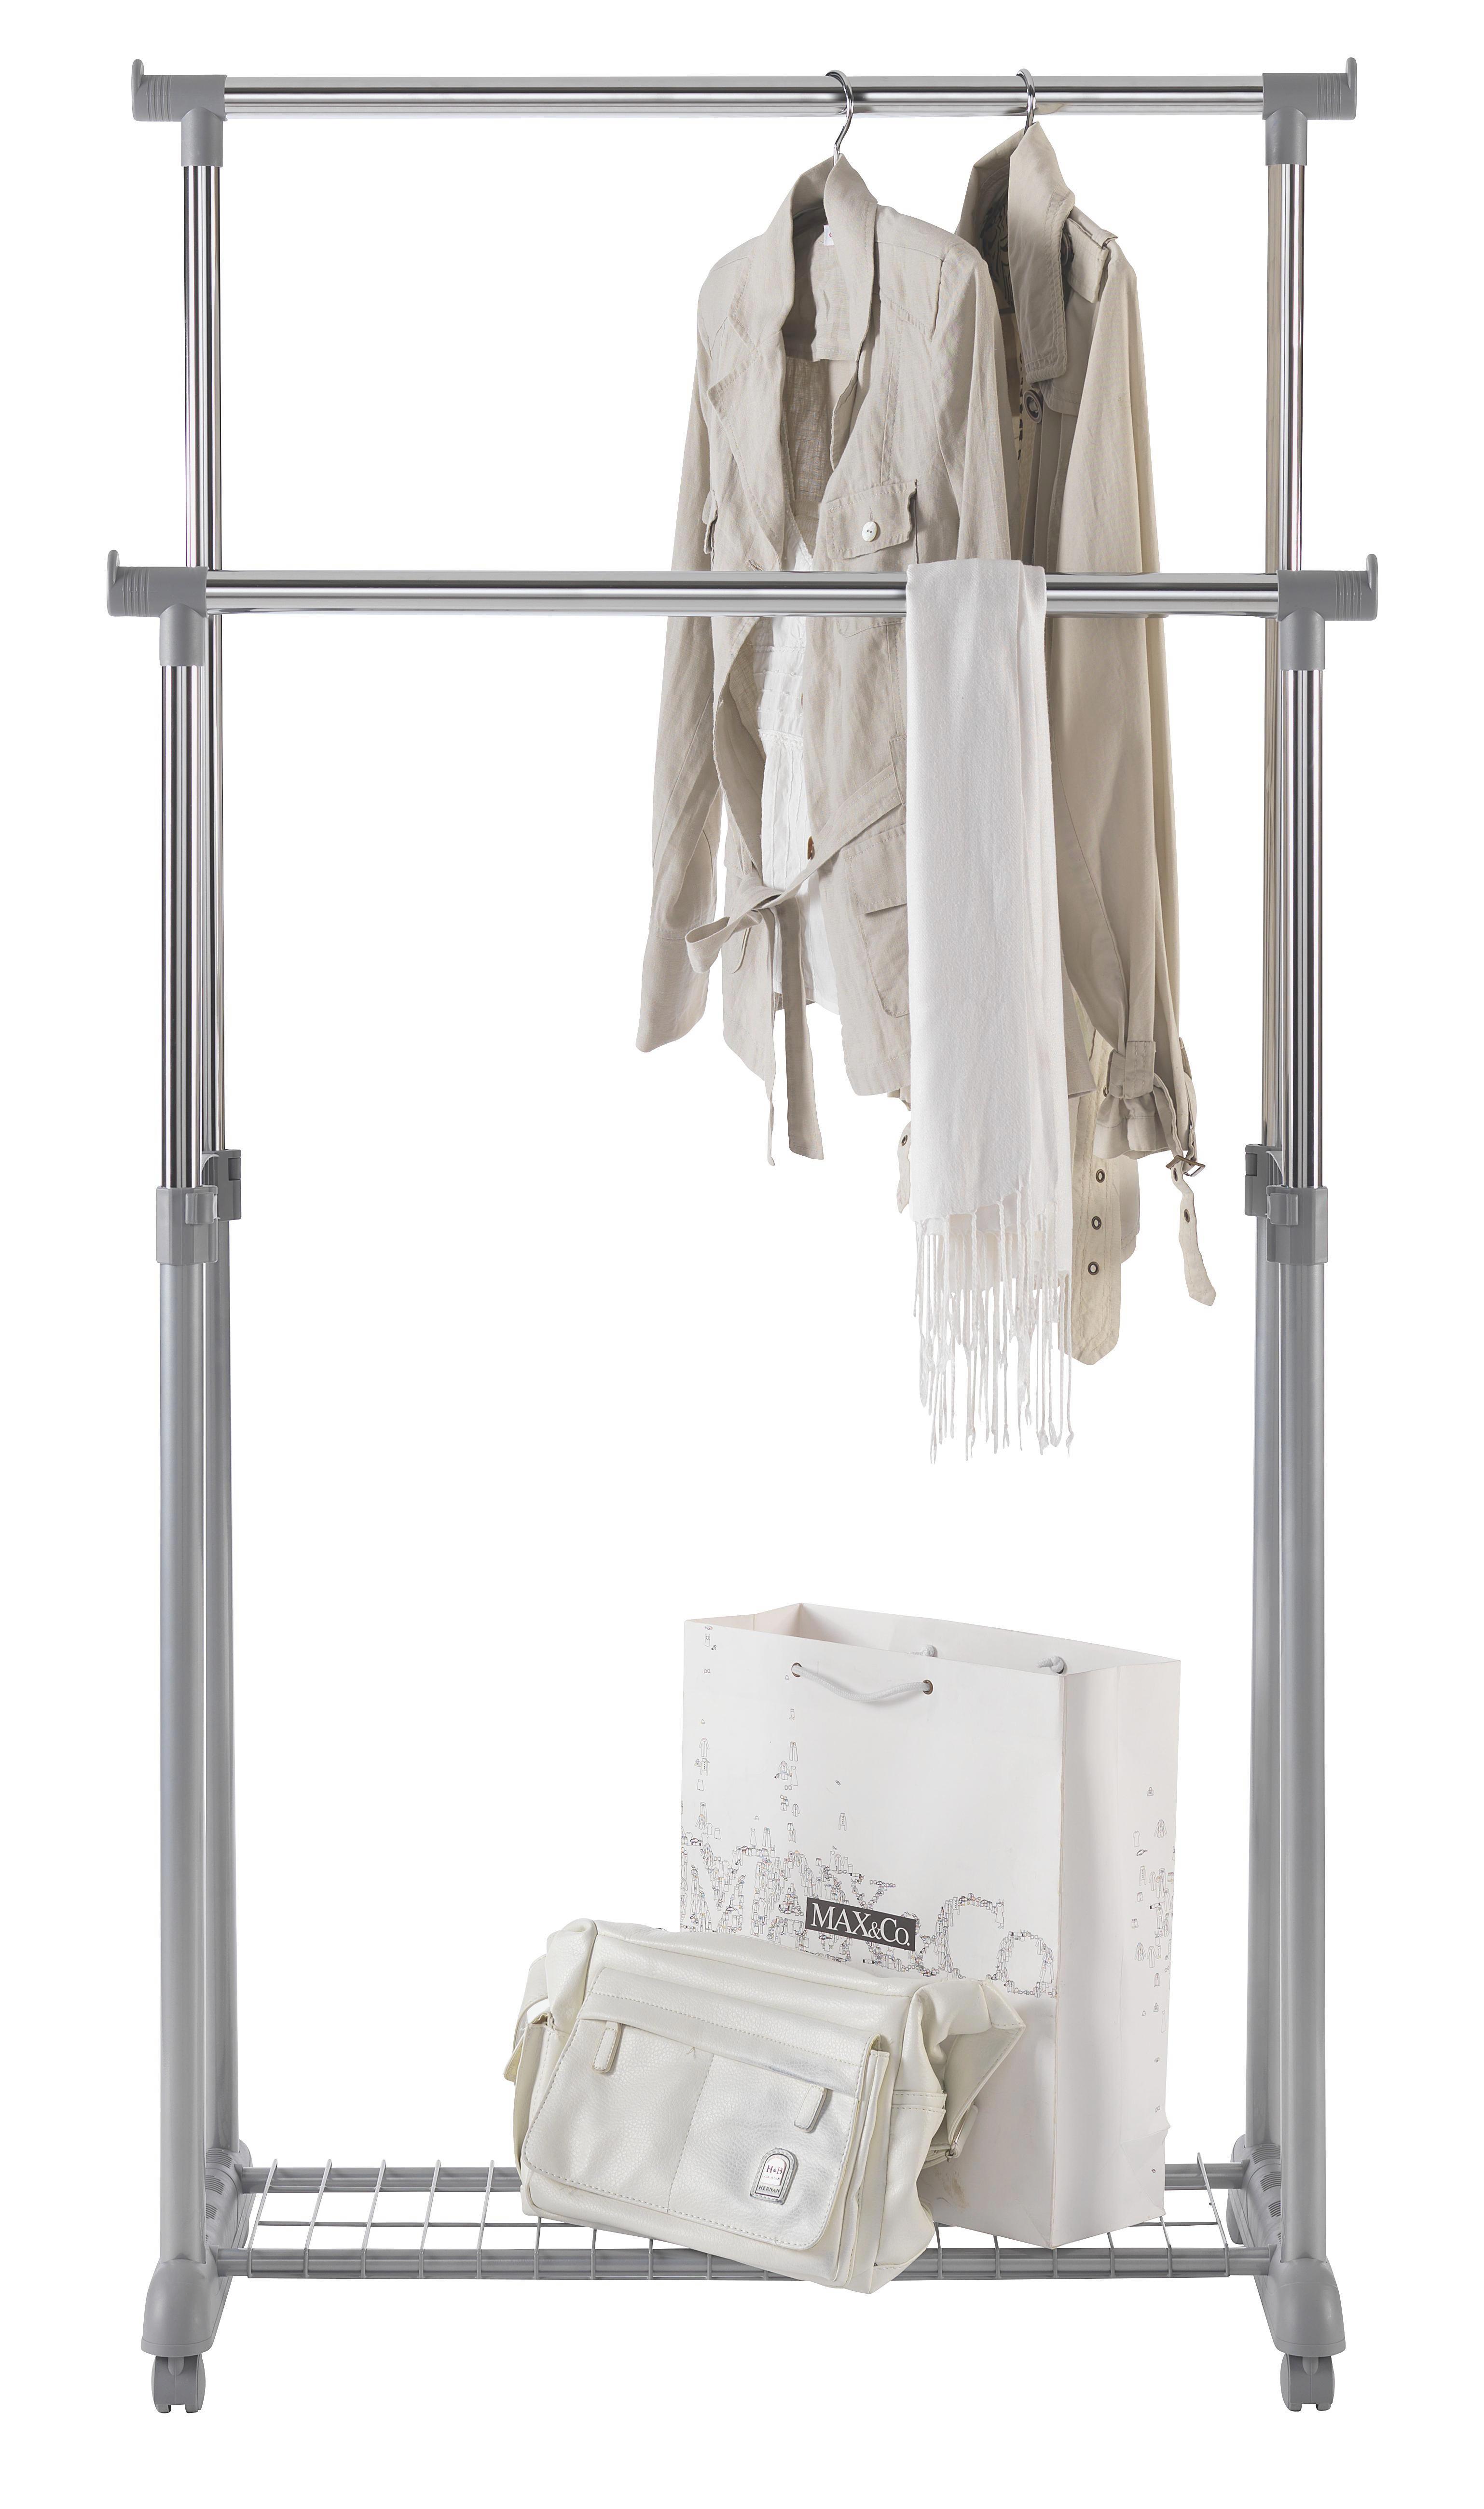 VJEŠALICA NA KOTAČIĆIMA - siva/boje kroma, Design, metal/plastika (83/93/168/43cm) - BOXXX